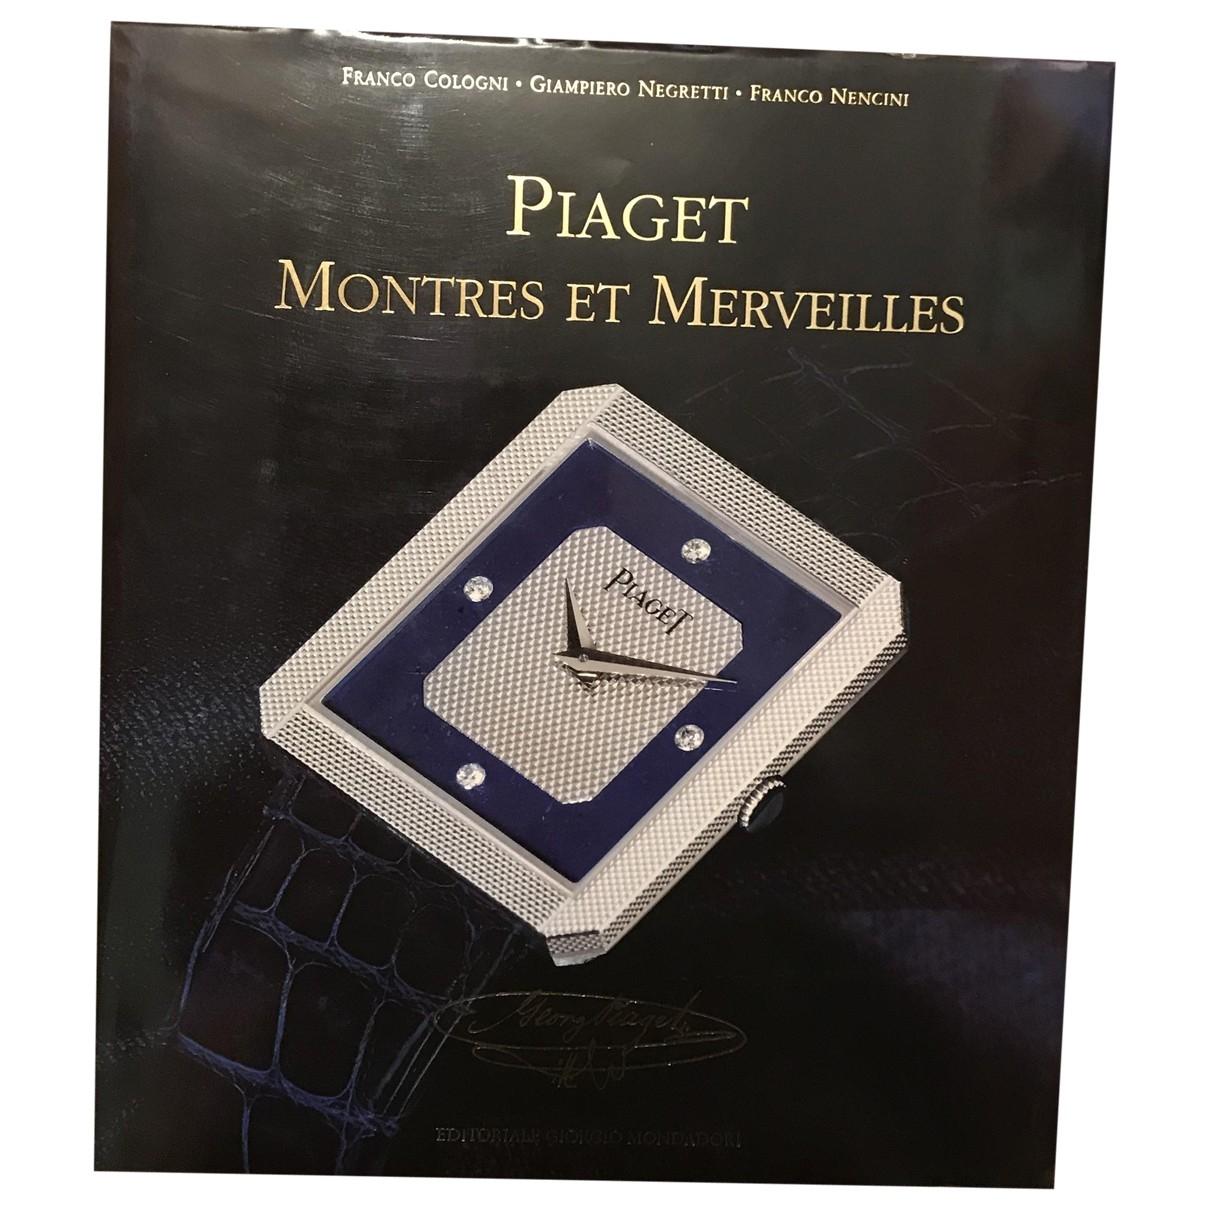 Moda Piaget